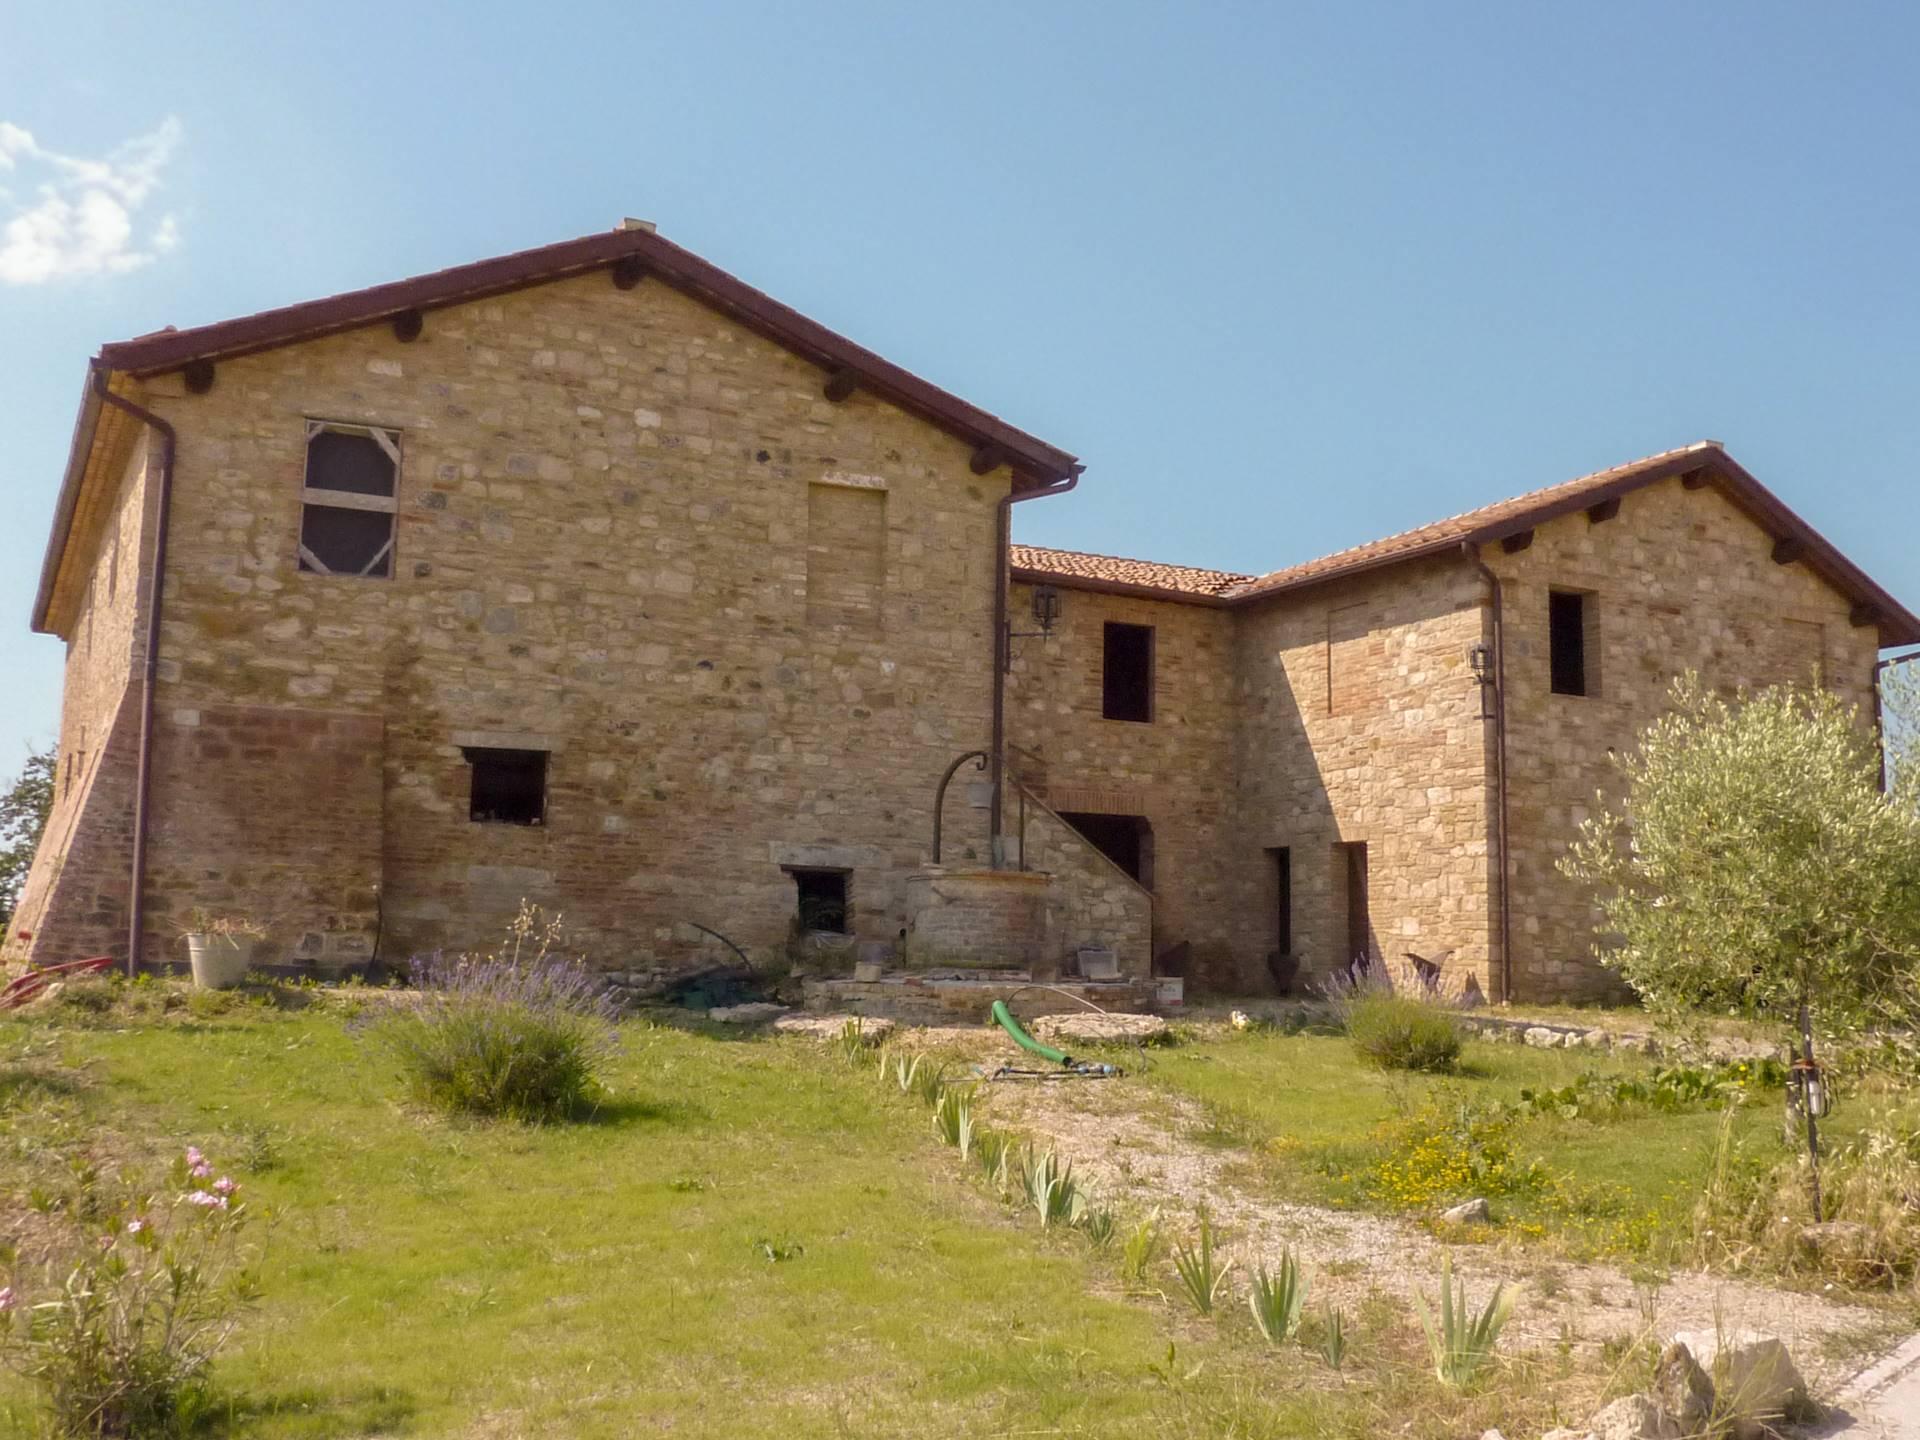 Podere in pietra circondato da un ettaro di terreno, in splendida posizione collinare molto panoramica situato nelle Crete Senesi, 300 mt di